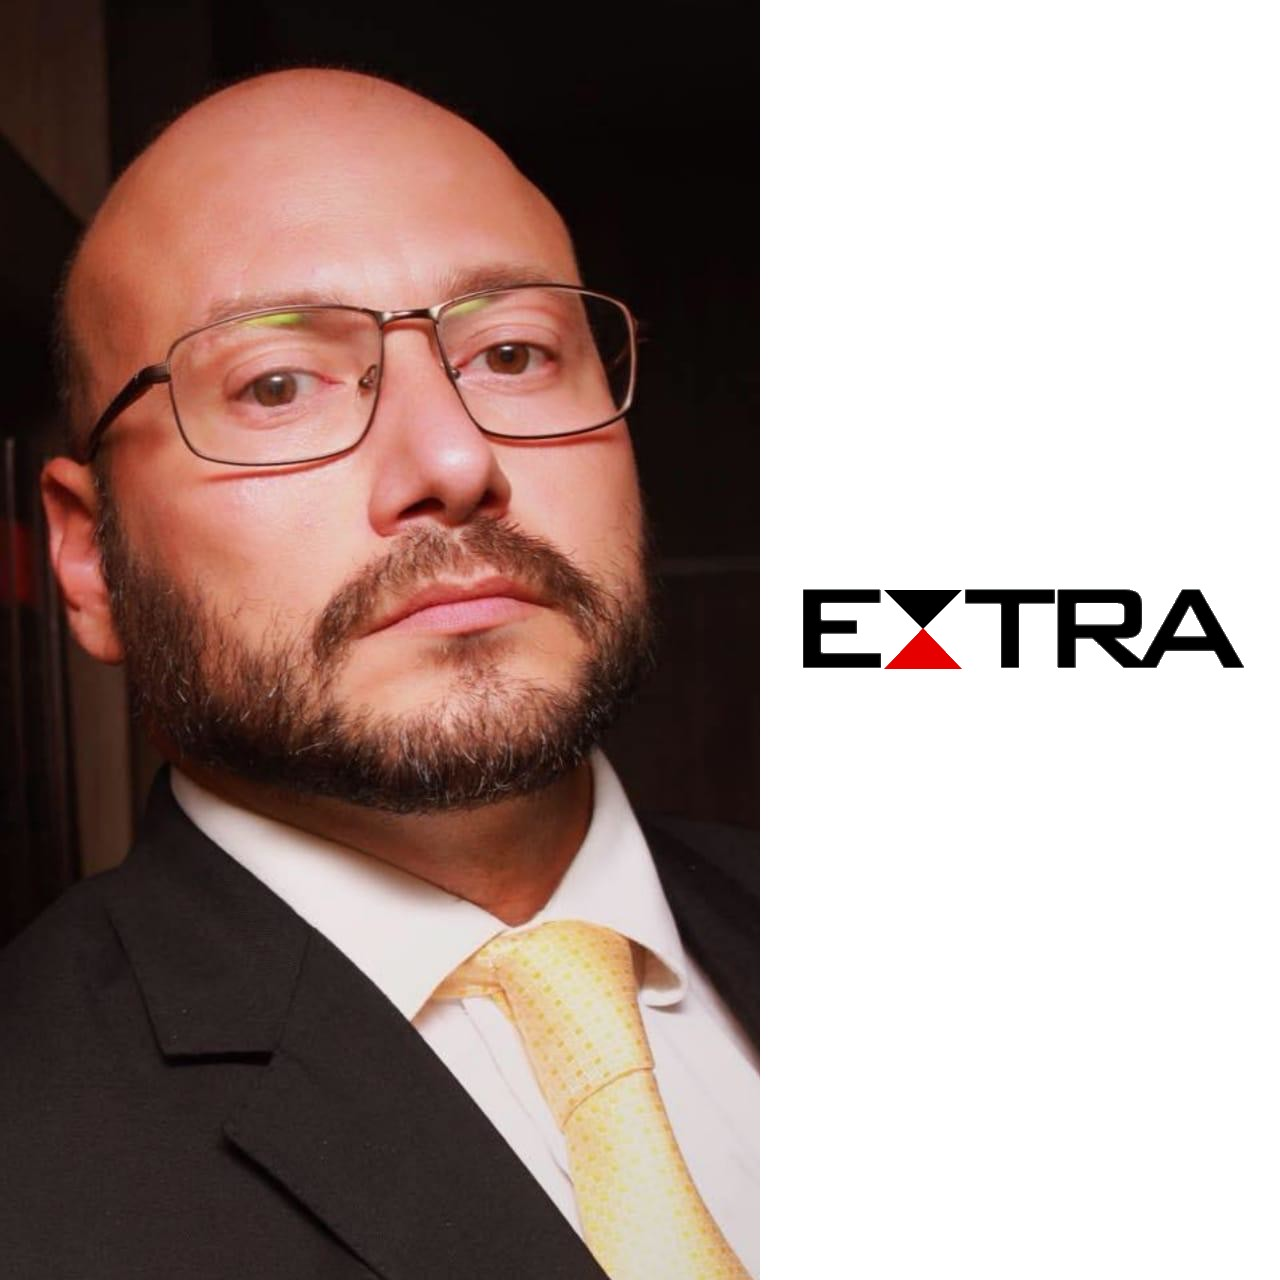 Matéria de autoria do advogado Rapahel Cataldo publicada no jornal Extra